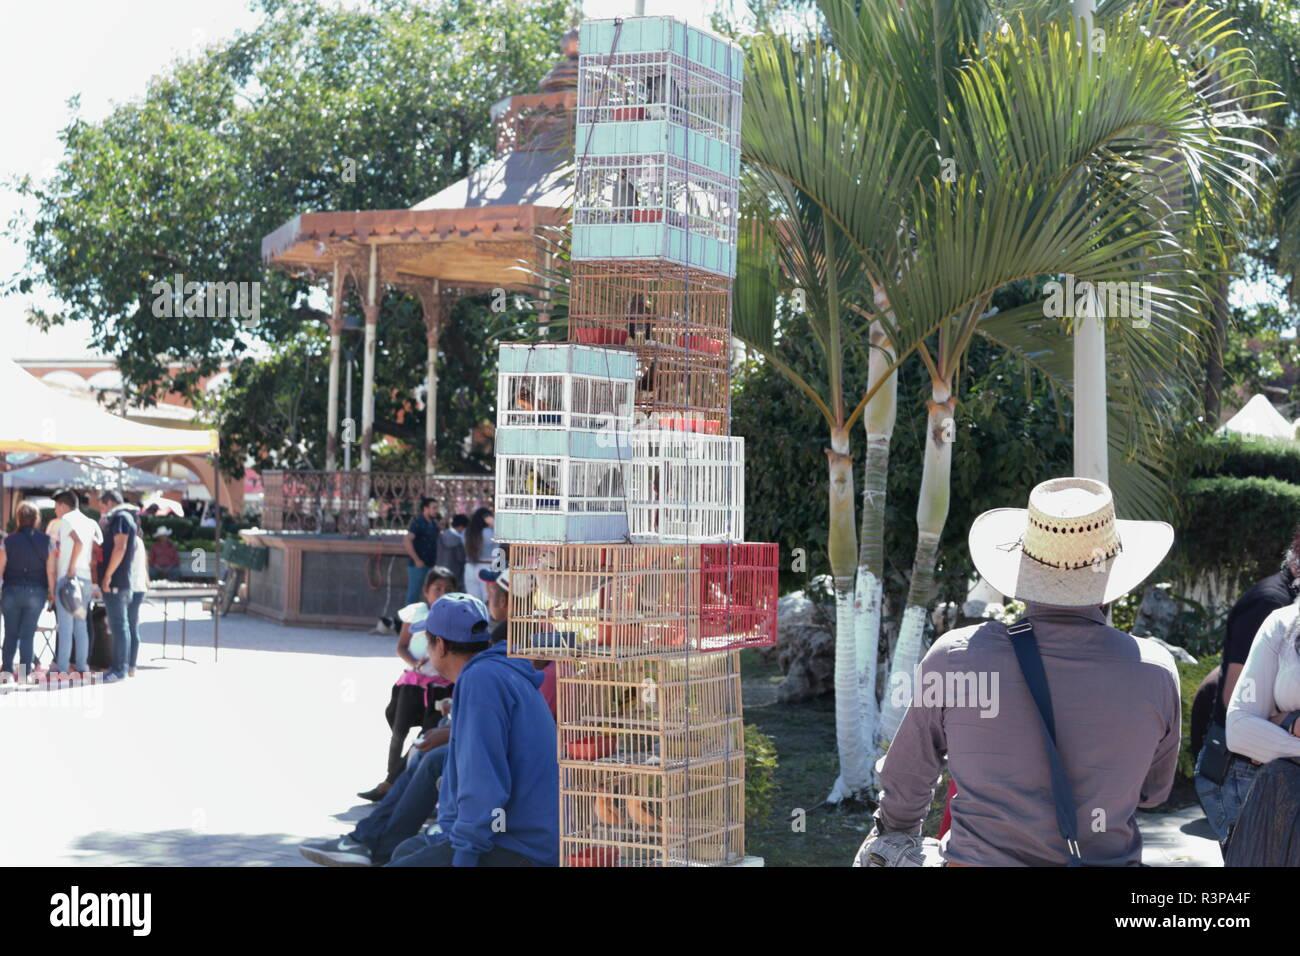 Mercado Municipal de Chapala Jalisco foto en la que se muestra onu vendiendo pajarero en la plaza del Mercado rodeado de gente que camina por el lugar Immagini Stock